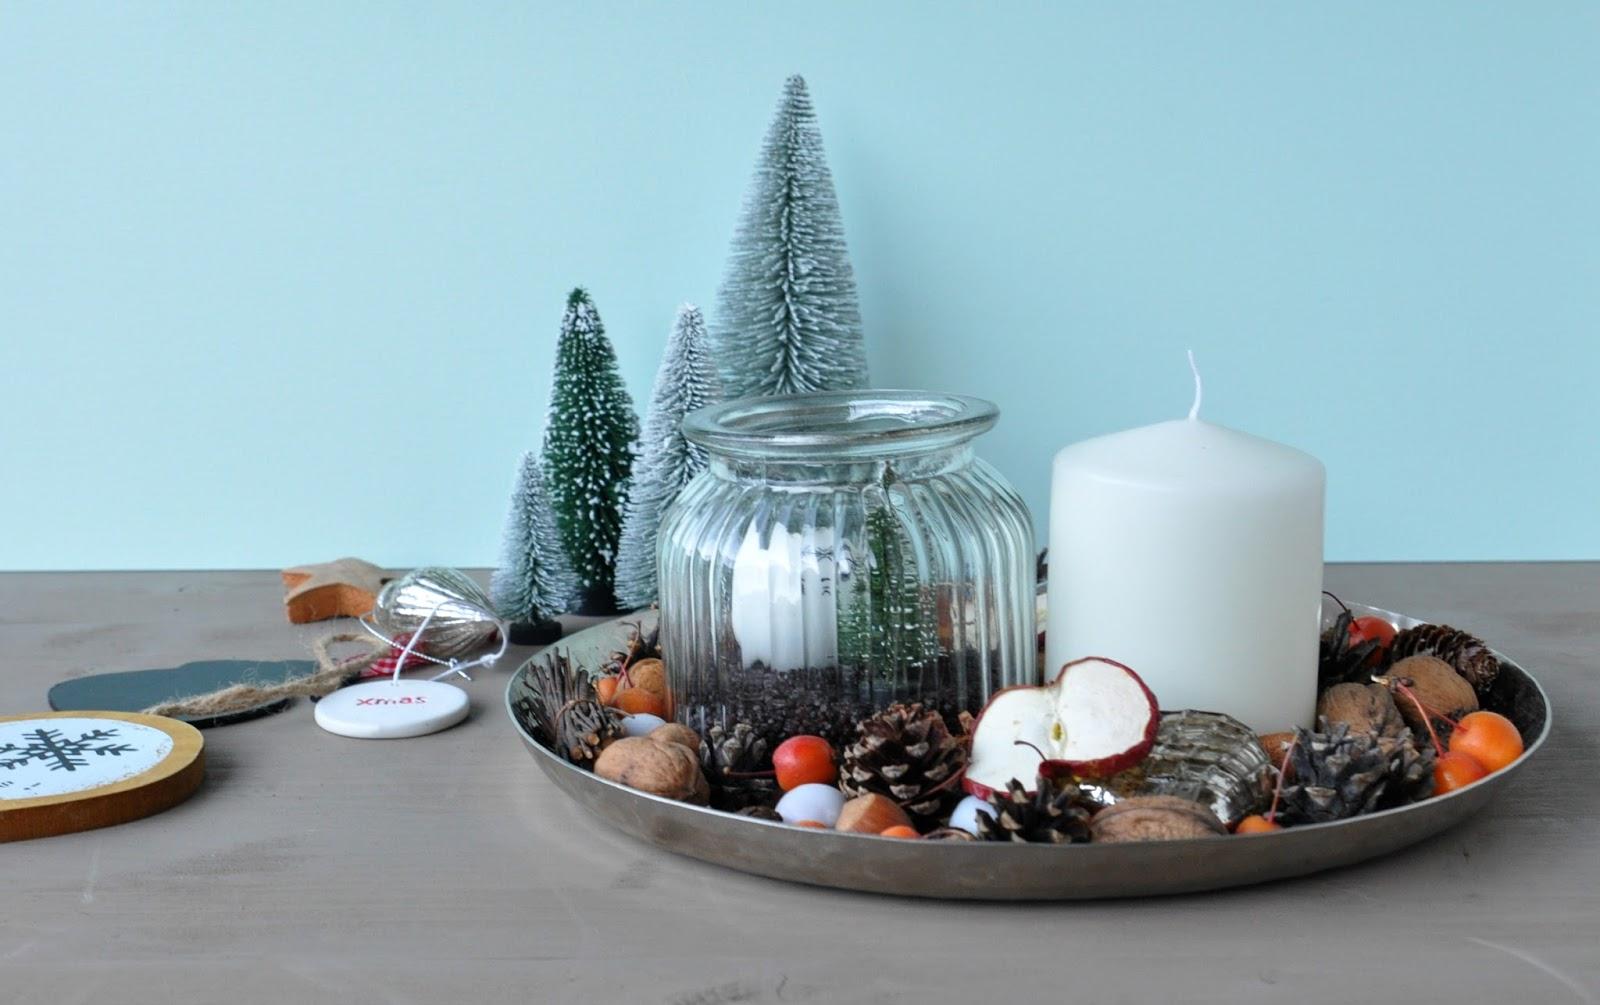 lemapi s dtiroler lifestyleblog flowerday mit amaryllis und weihnachtlicher 5 minuten. Black Bedroom Furniture Sets. Home Design Ideas